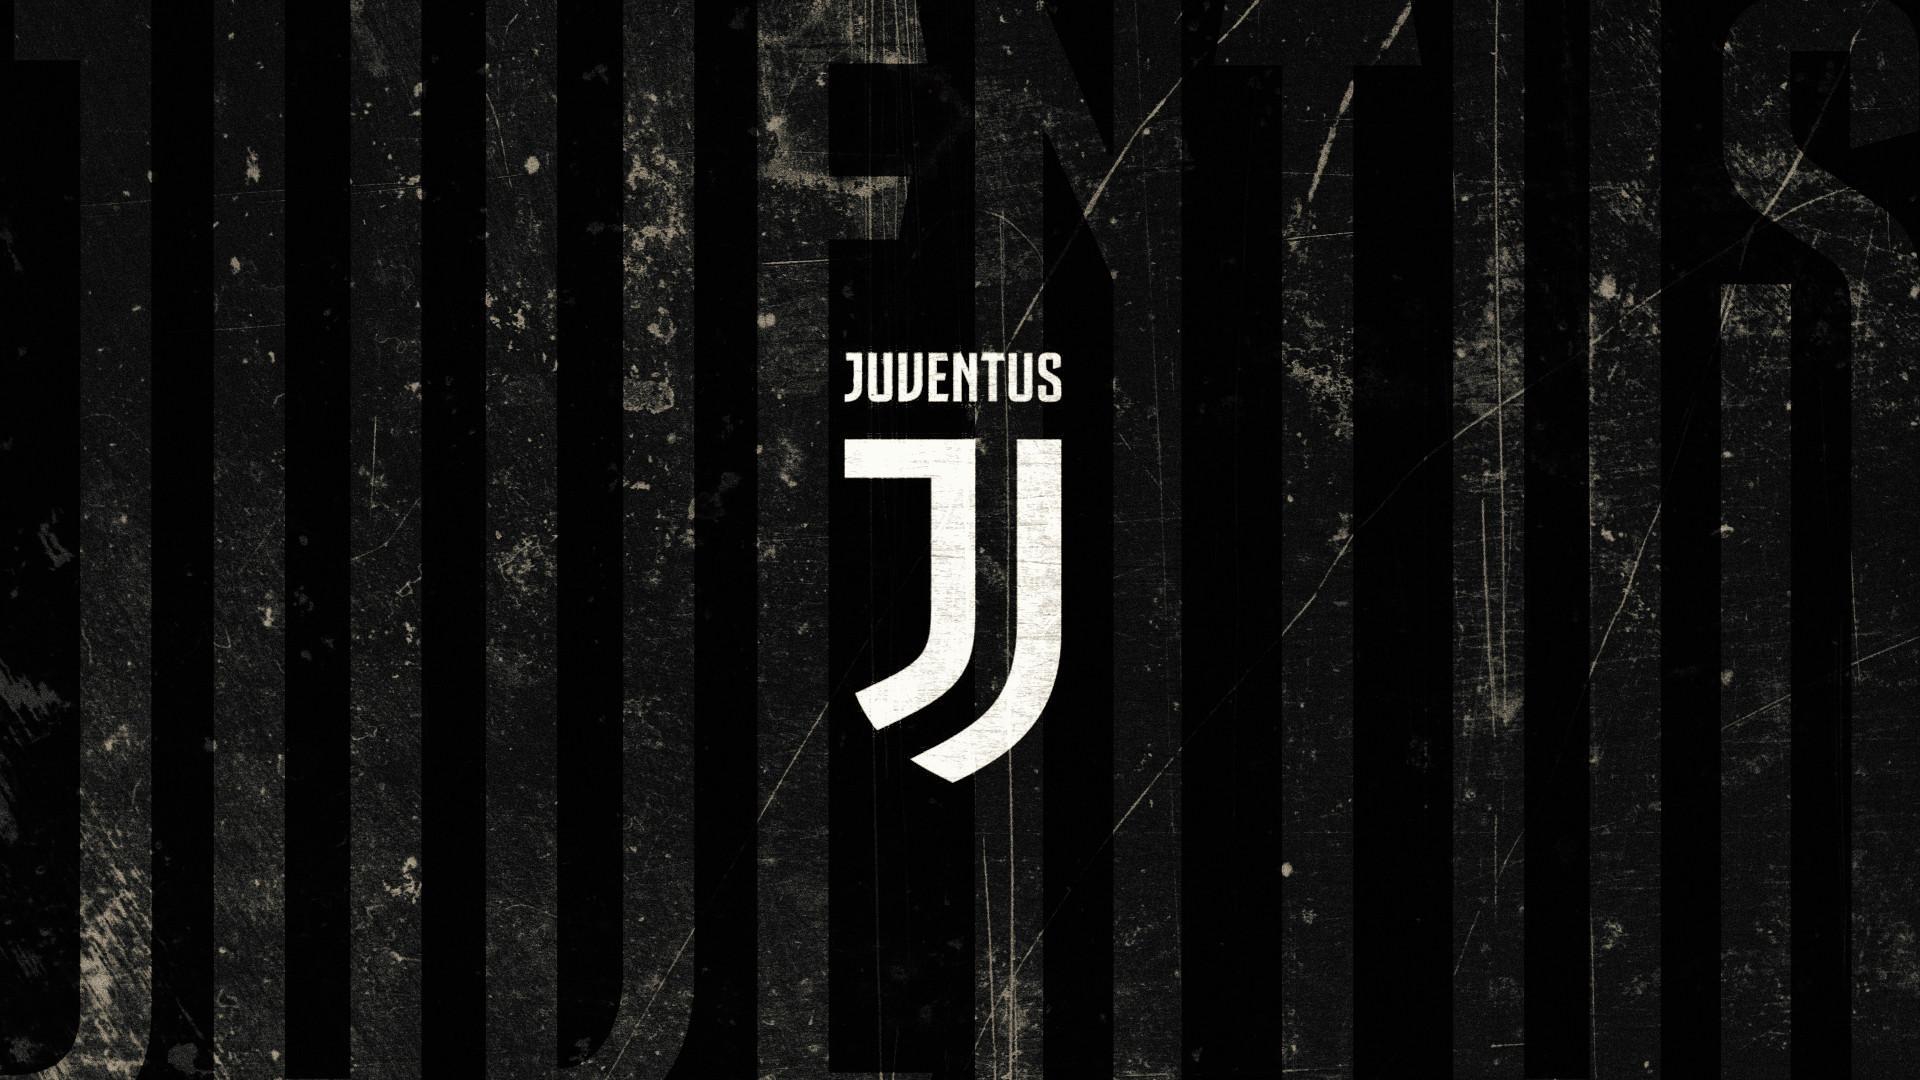 Juventus Wallpaper 2018 ·â' WallpaperTag